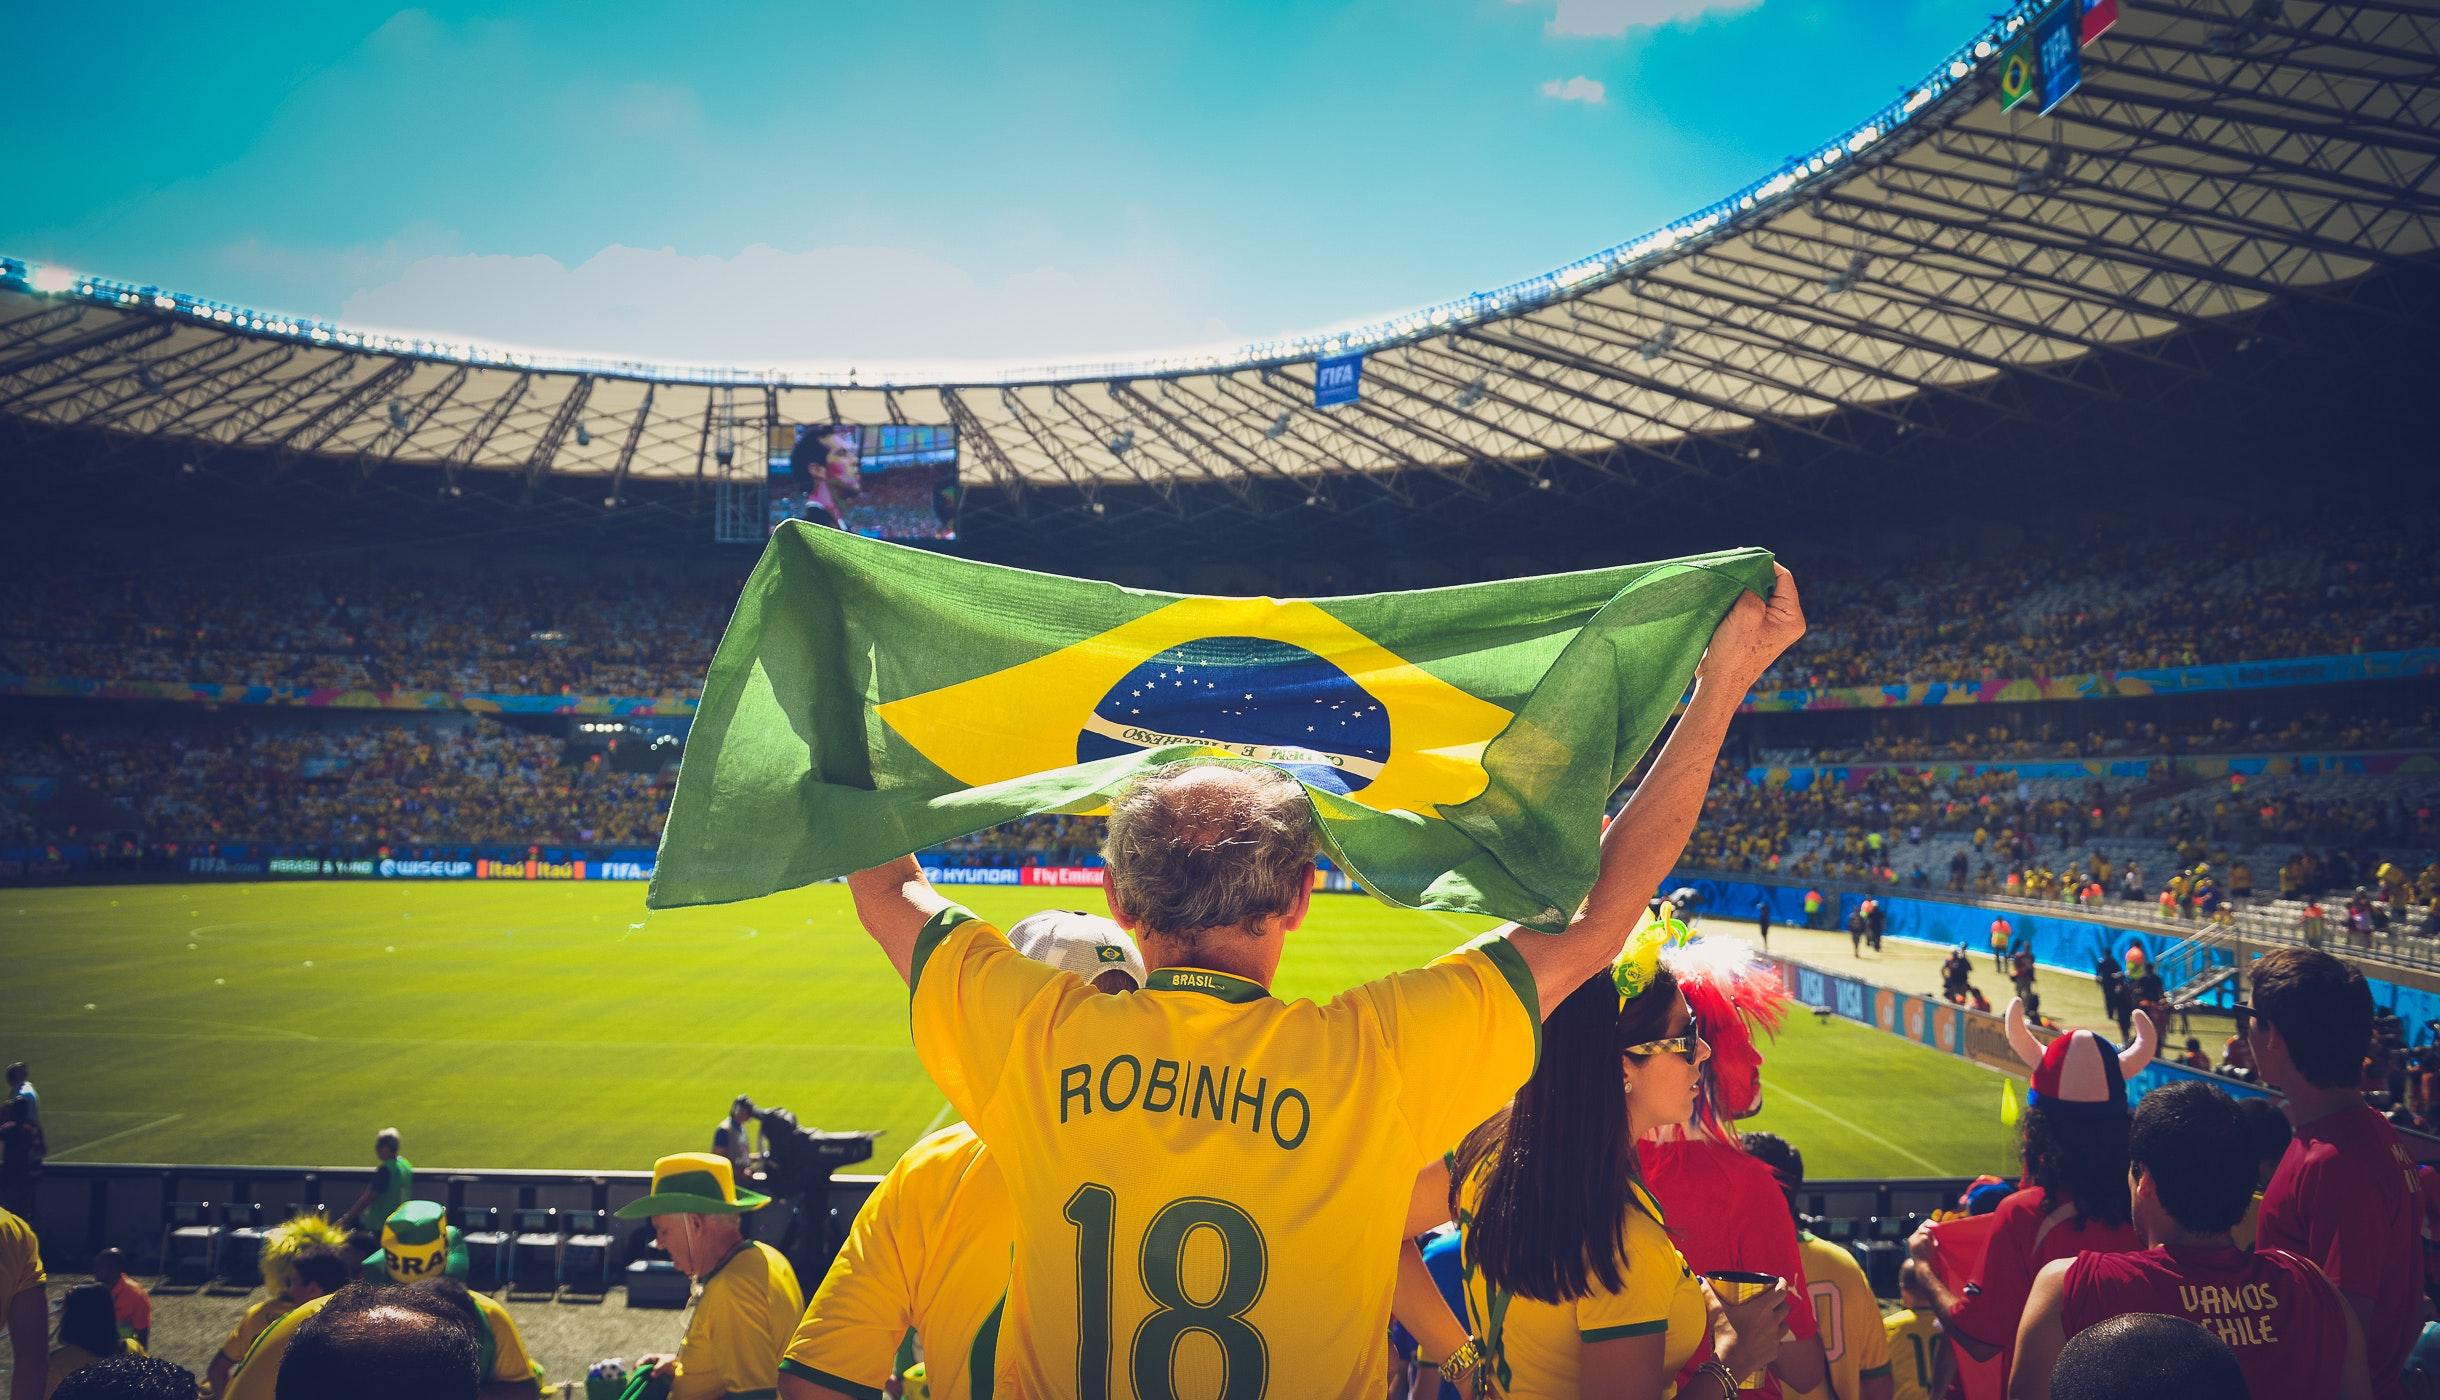 Image of a futbol fan in Brazil